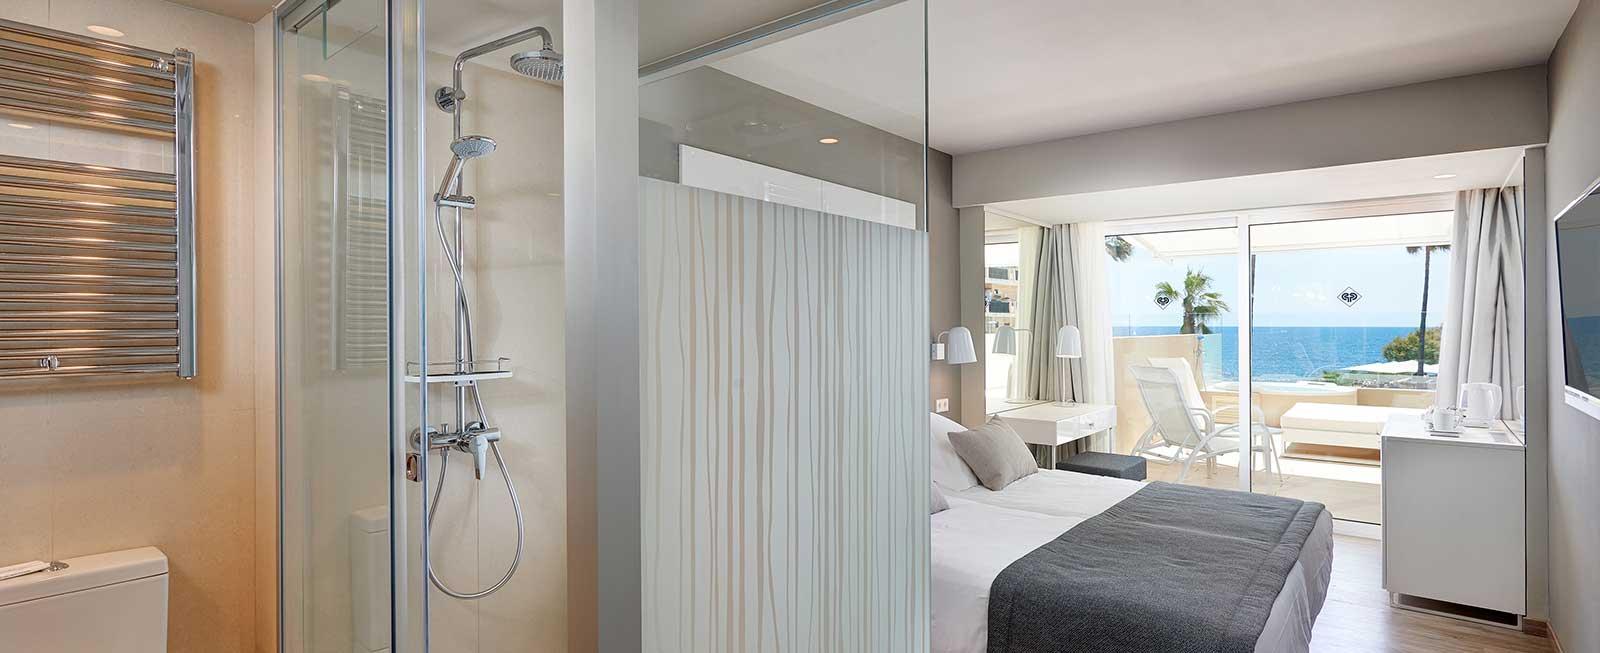 Habitacions Protur Bonamar Hotel Cala Millor, Mallorca